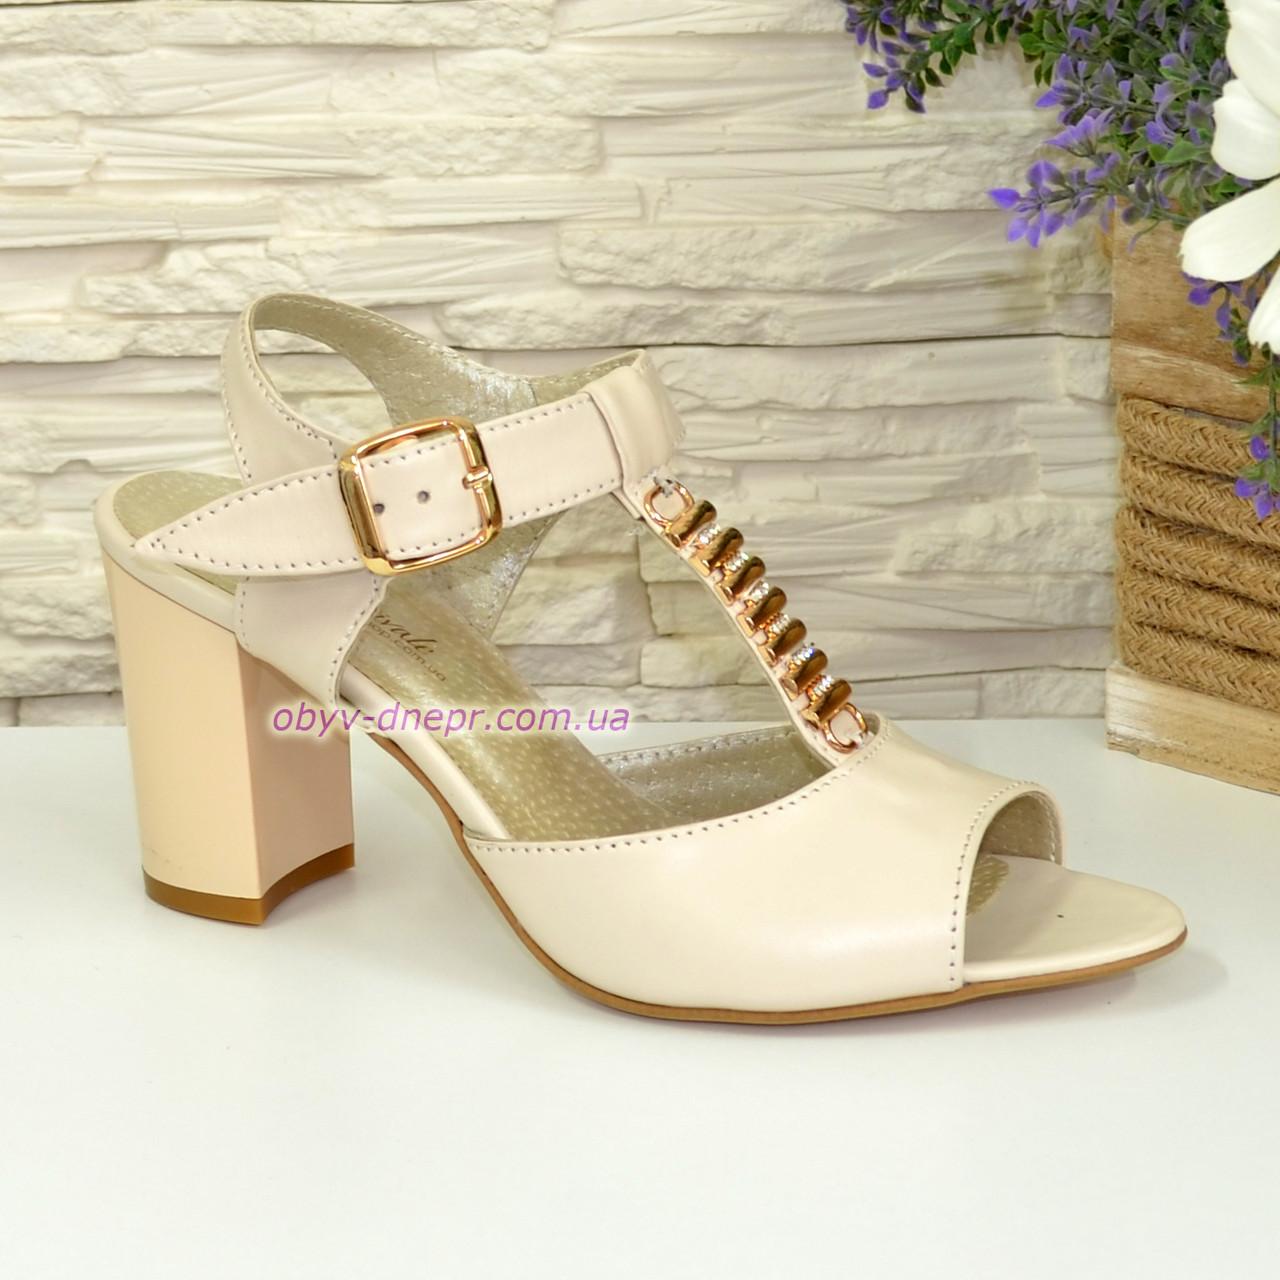 Женские кожаные классические босоножки на устойчивом каблуке, цвет бежевый